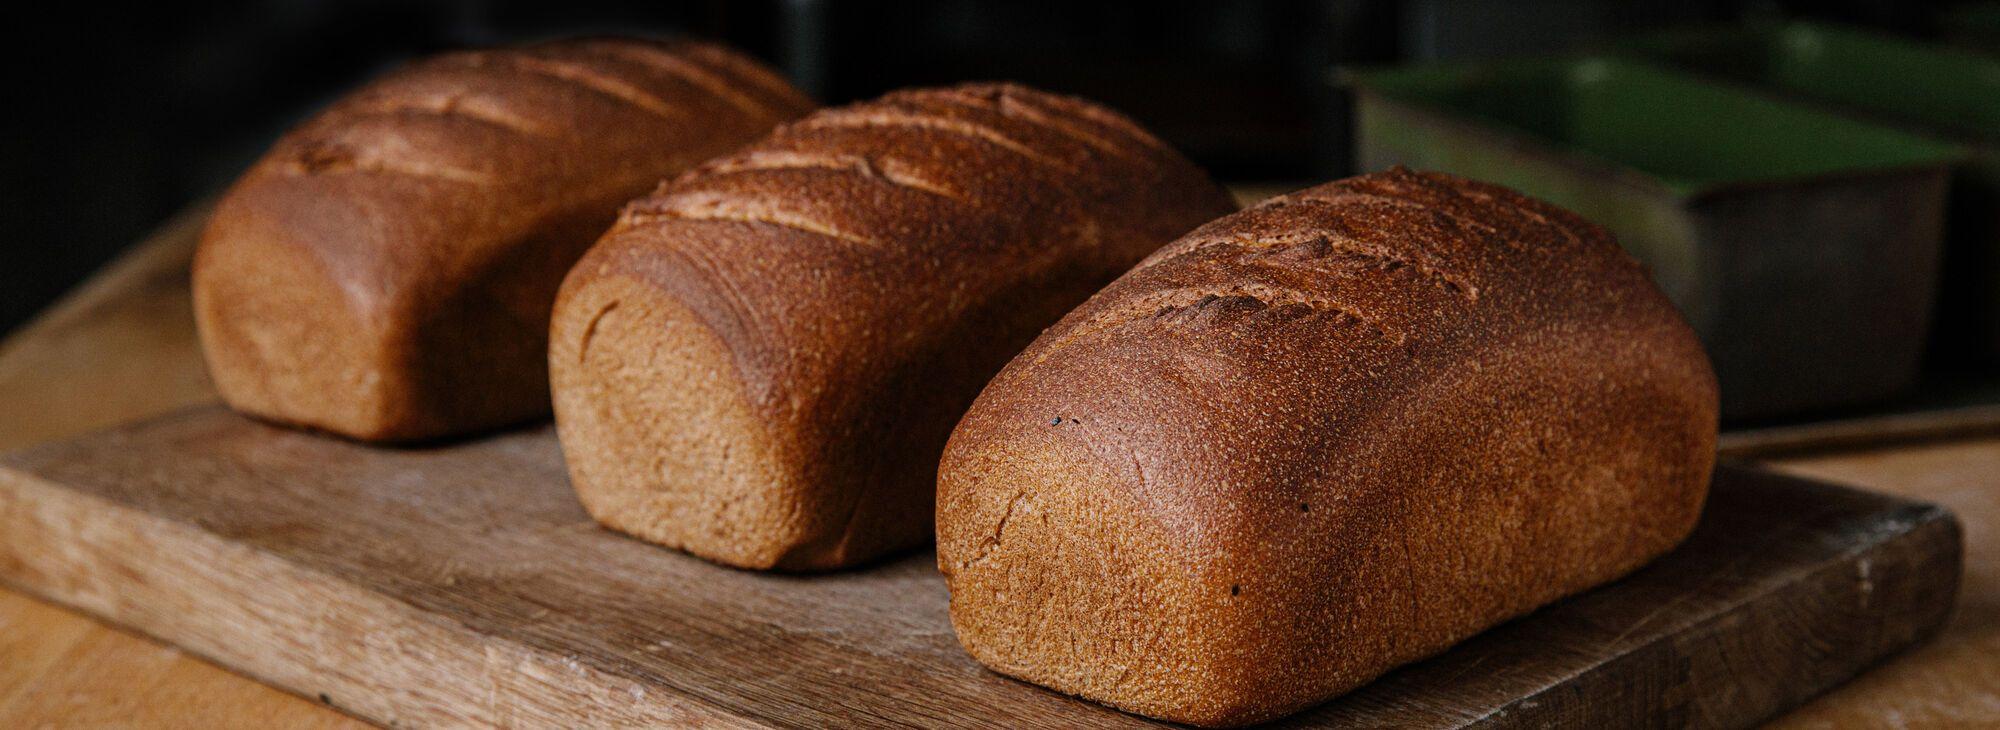 לחם דגנים מלאים שתכינו בבית